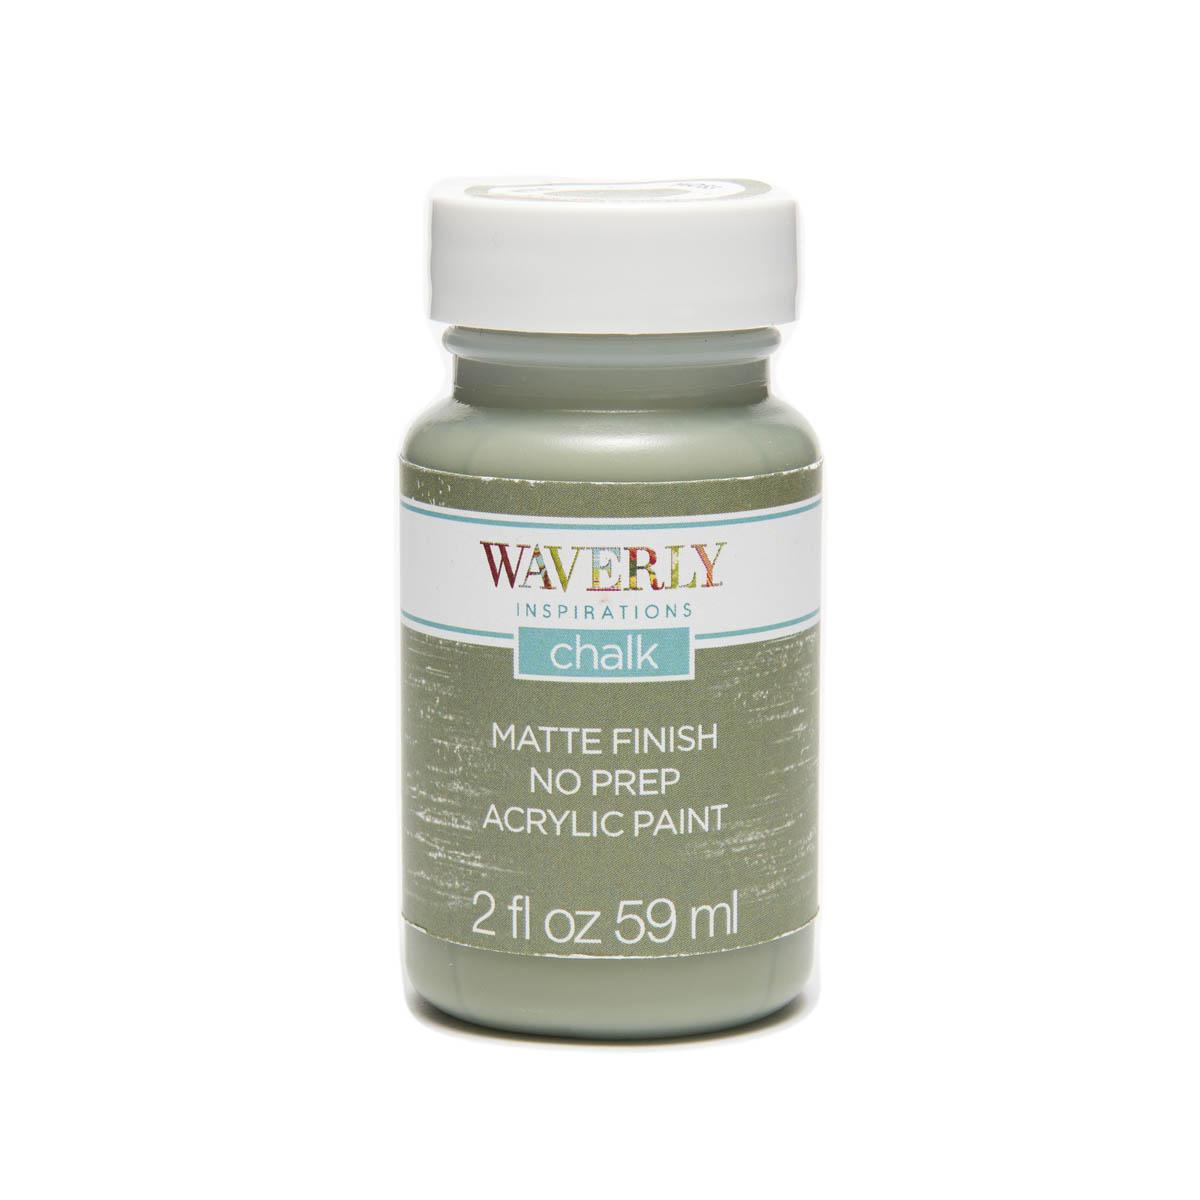 Waverly ® Inspirations Chalk Finish Acrylic Paint - Moss, 2 oz.